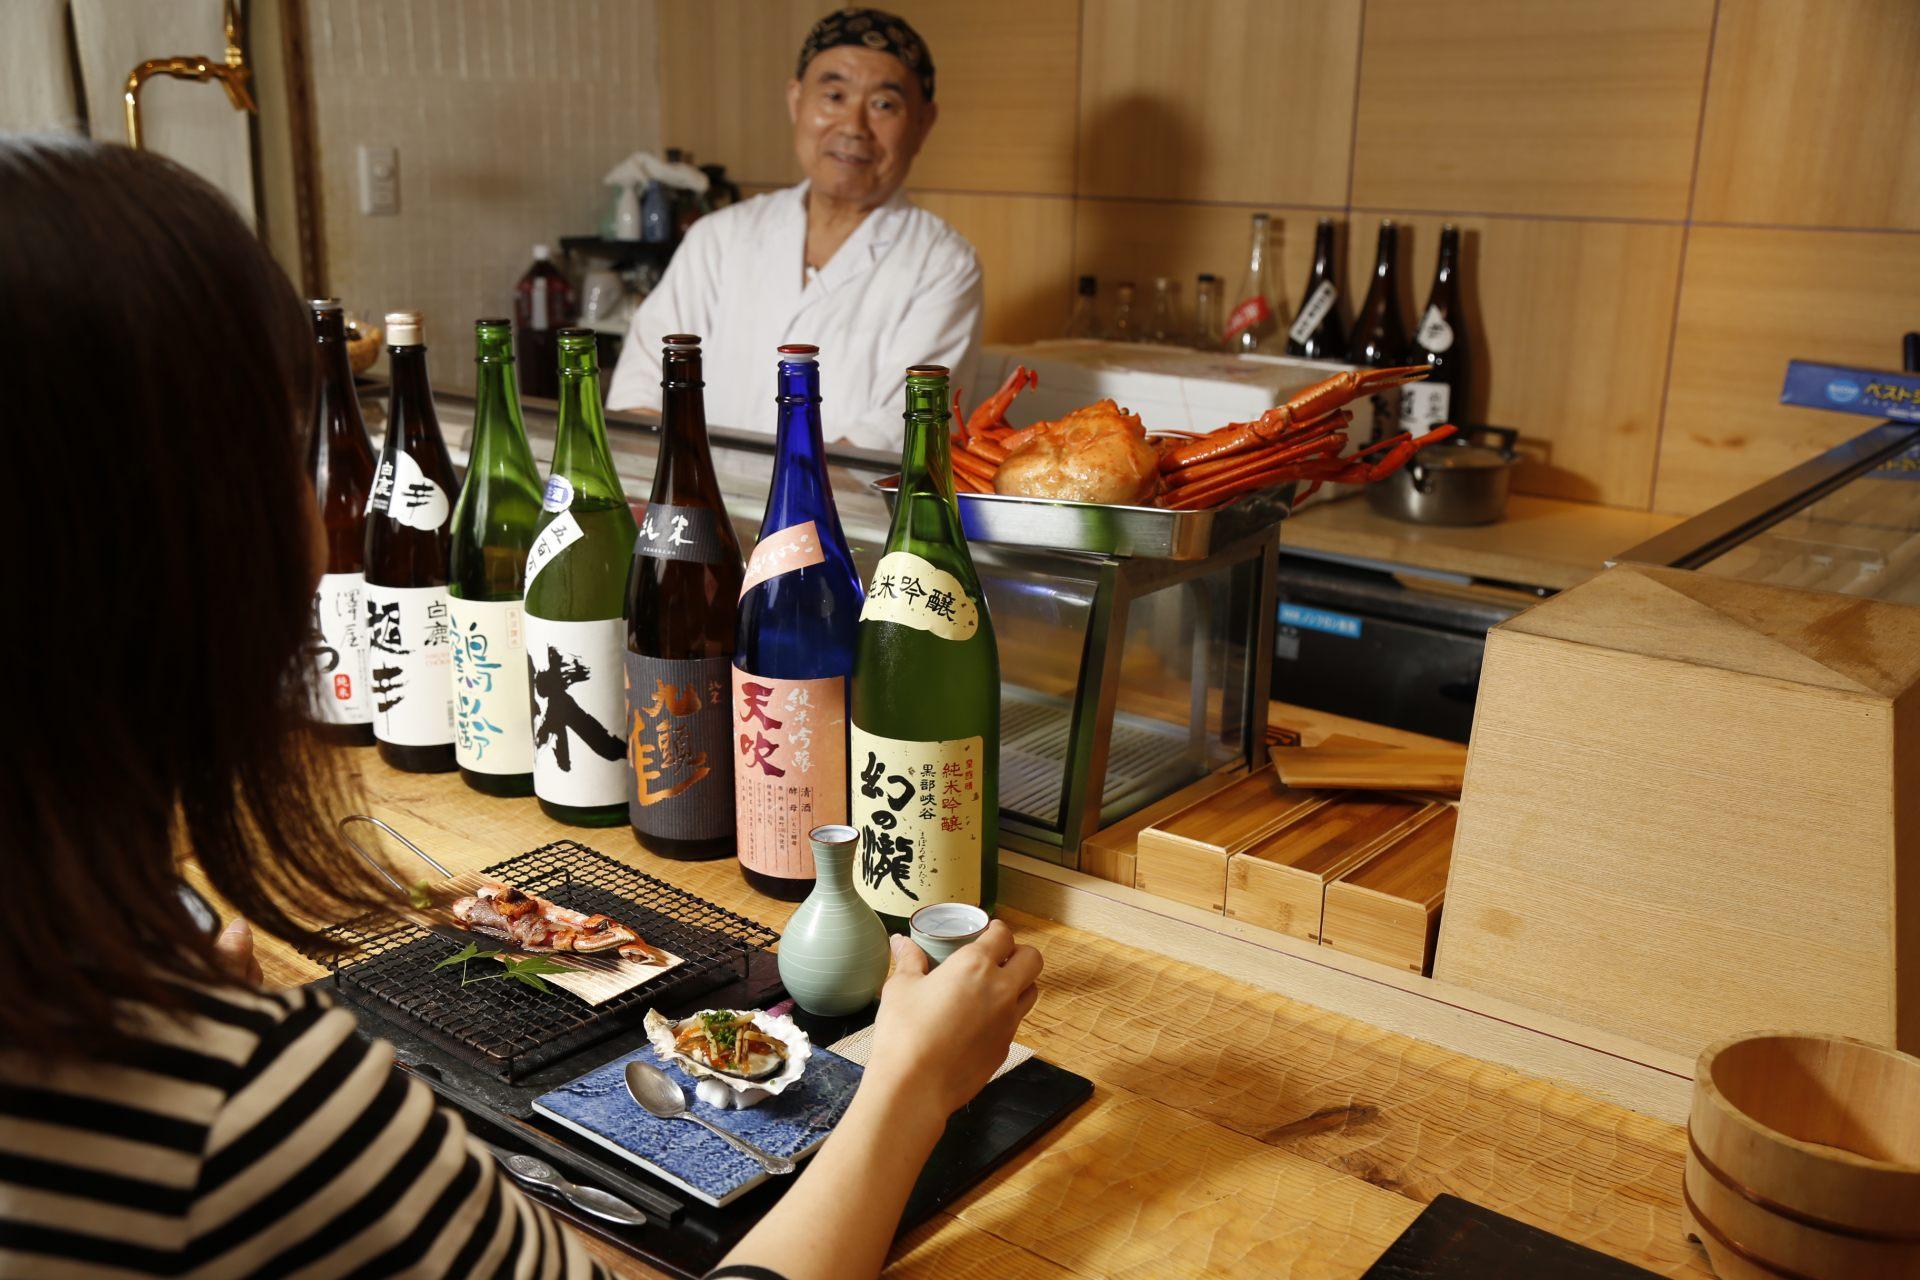 一起享受料理和日本酒吧